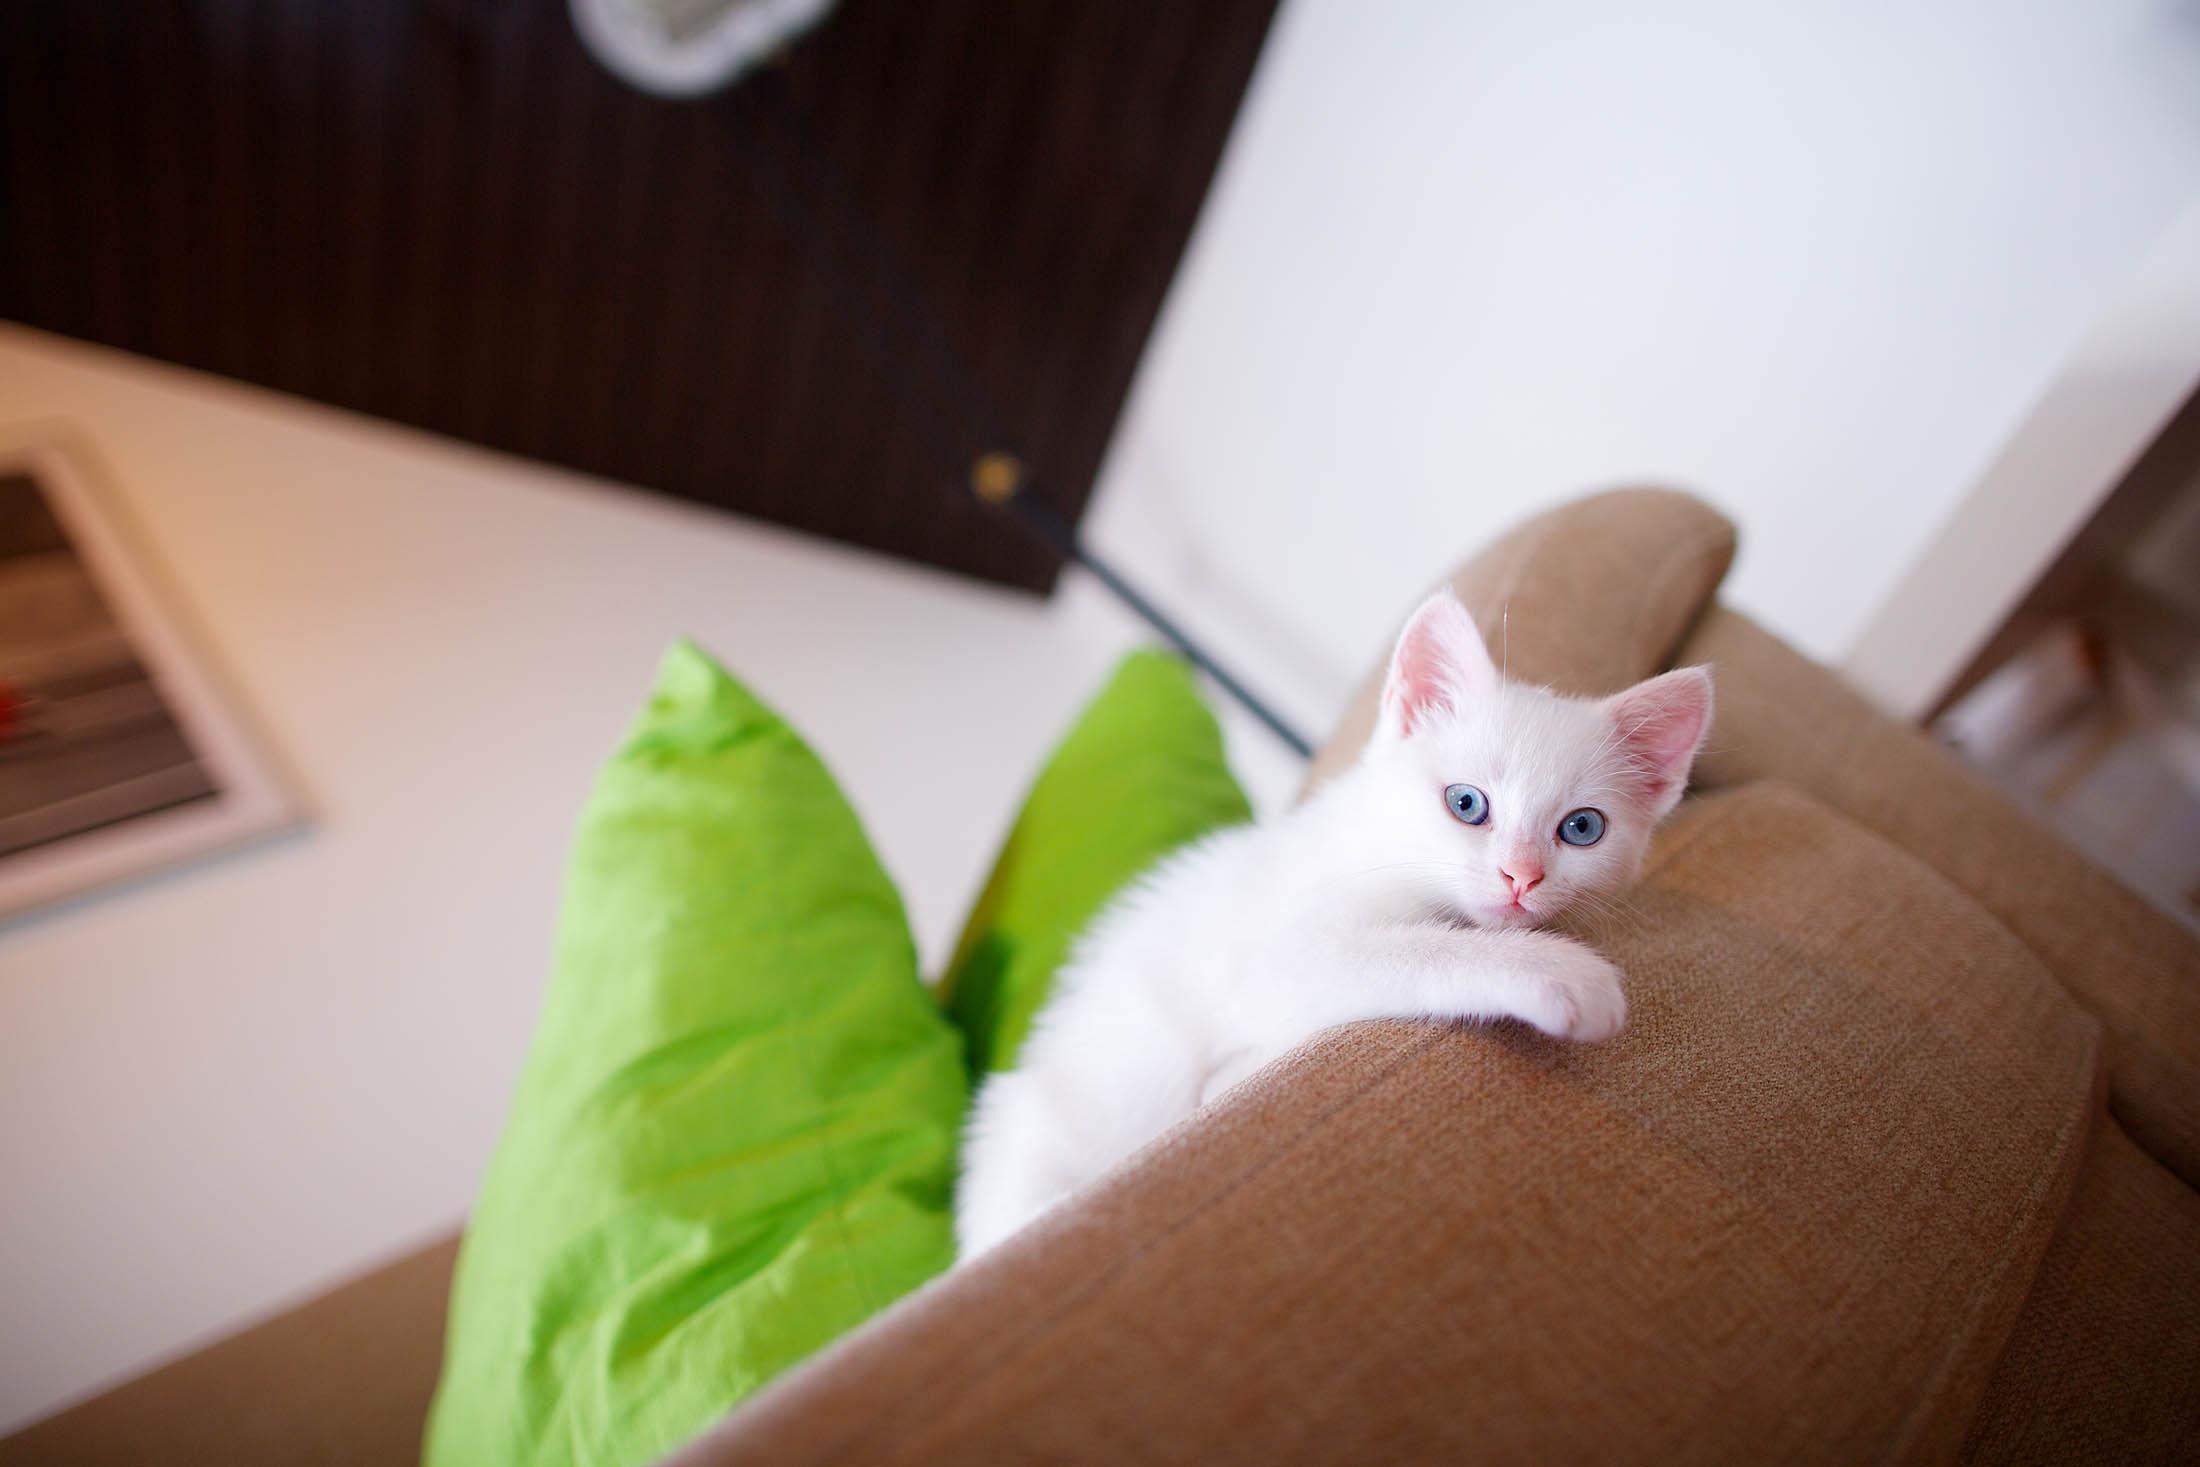 Khaleesi - Little White Monster